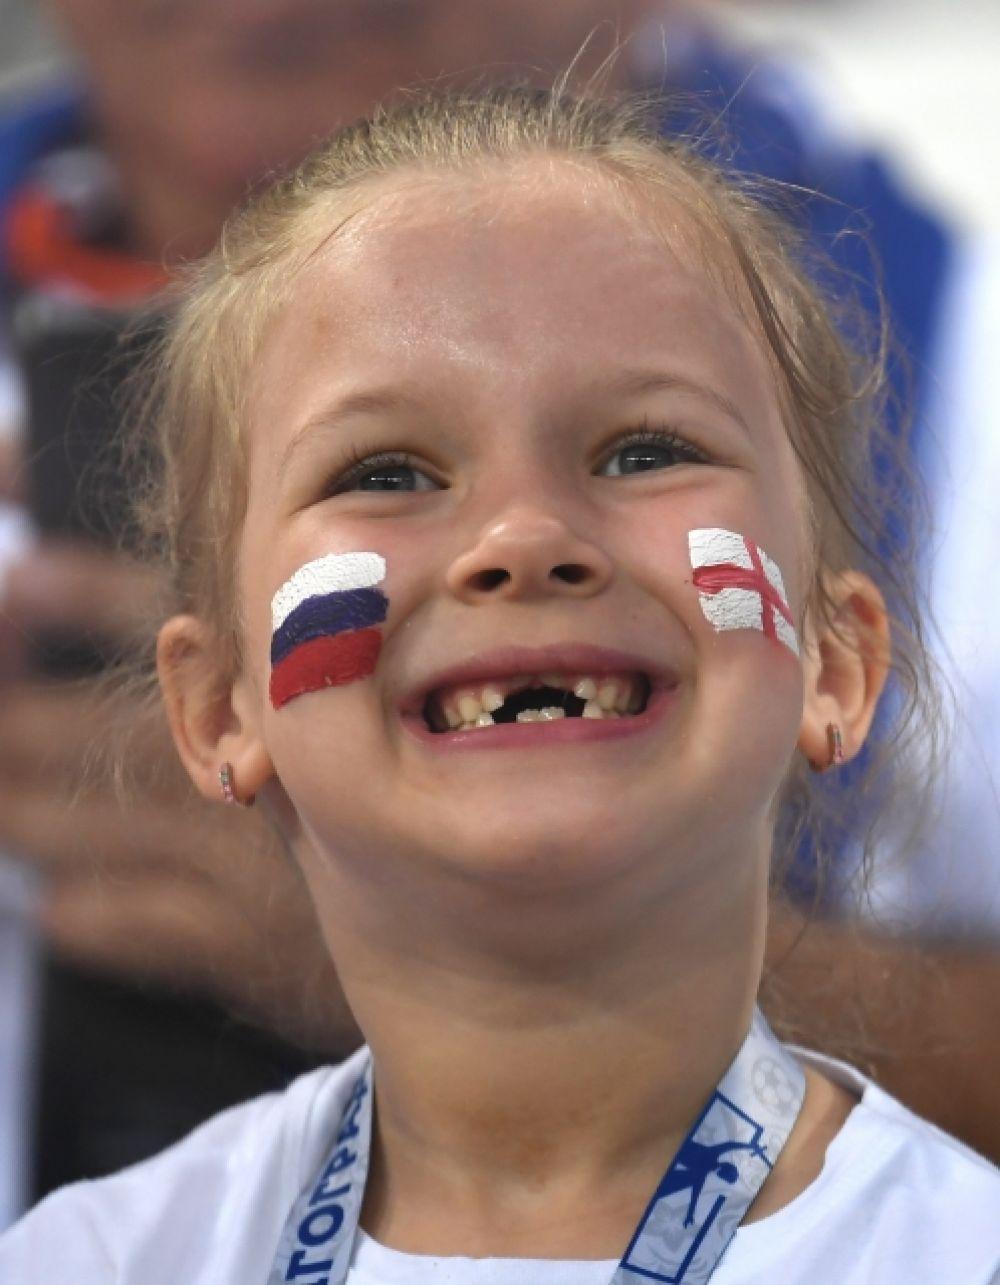 Юная болельщица с российским триколором и английским флагом на щеках.